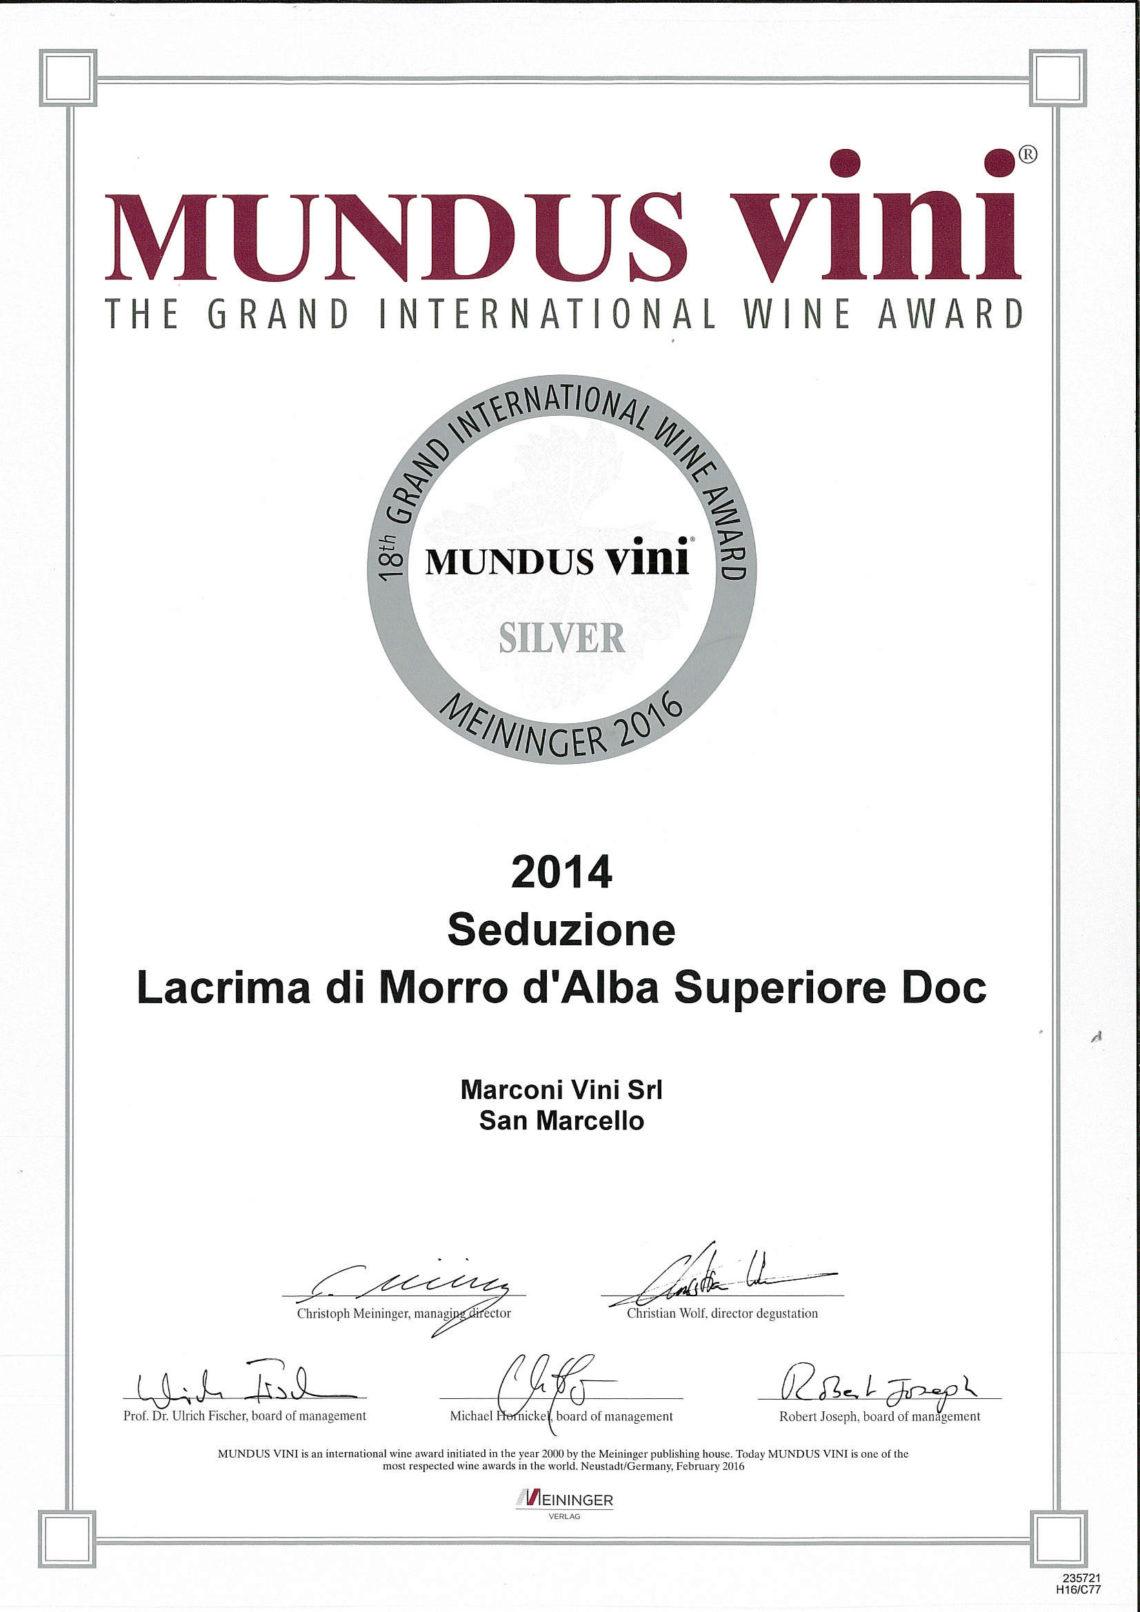 Marconi Vini - Lacrima di Morro d'Alba Superiore 2014 - Seduzione - Silver - Mundus Vini 2016